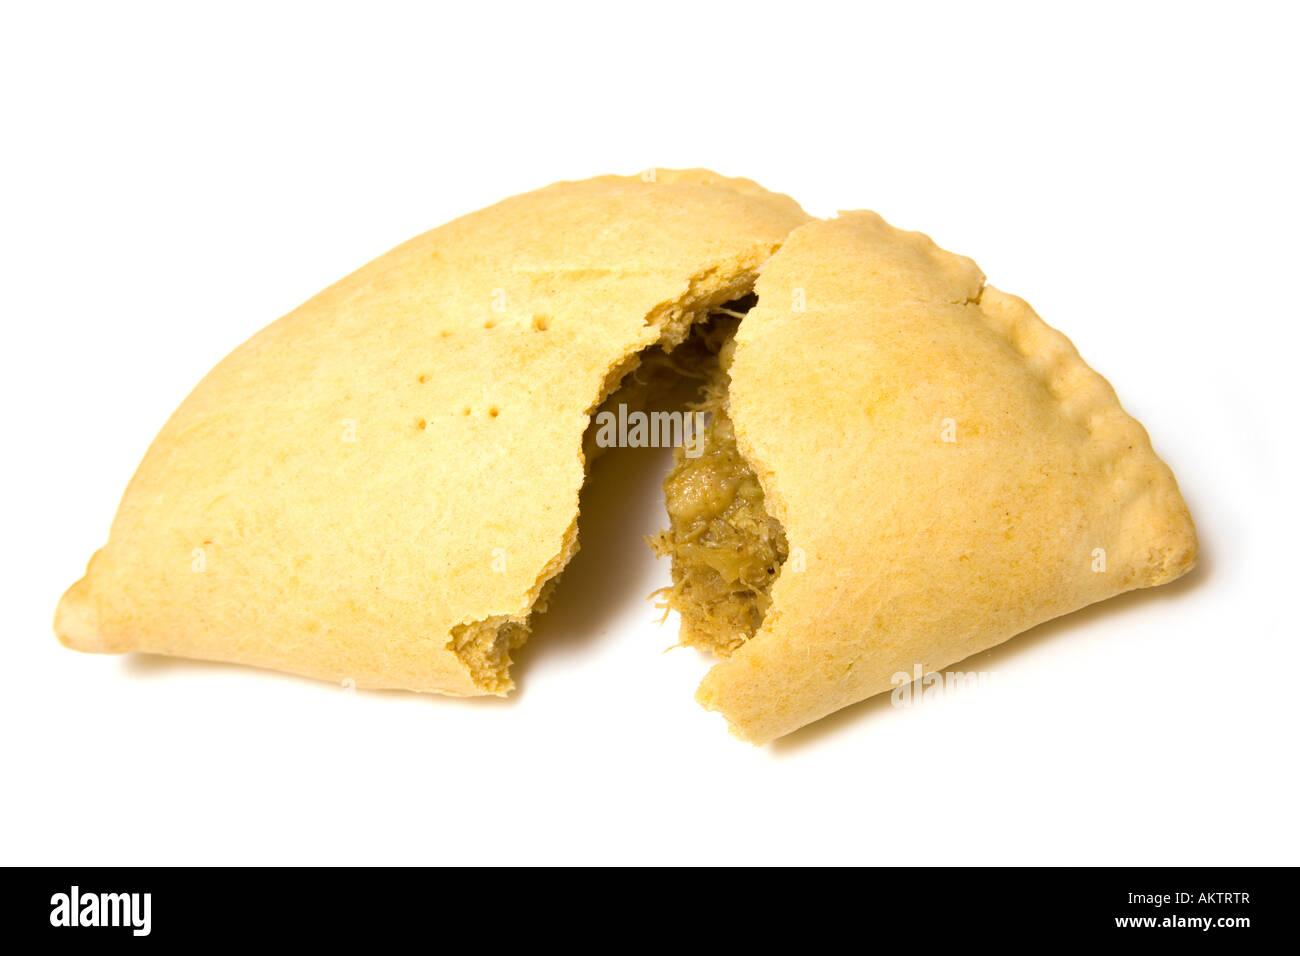 Karibische Fleisch Pattie isoliert auf einem weißen Studio-Hintergrund. Stockbild